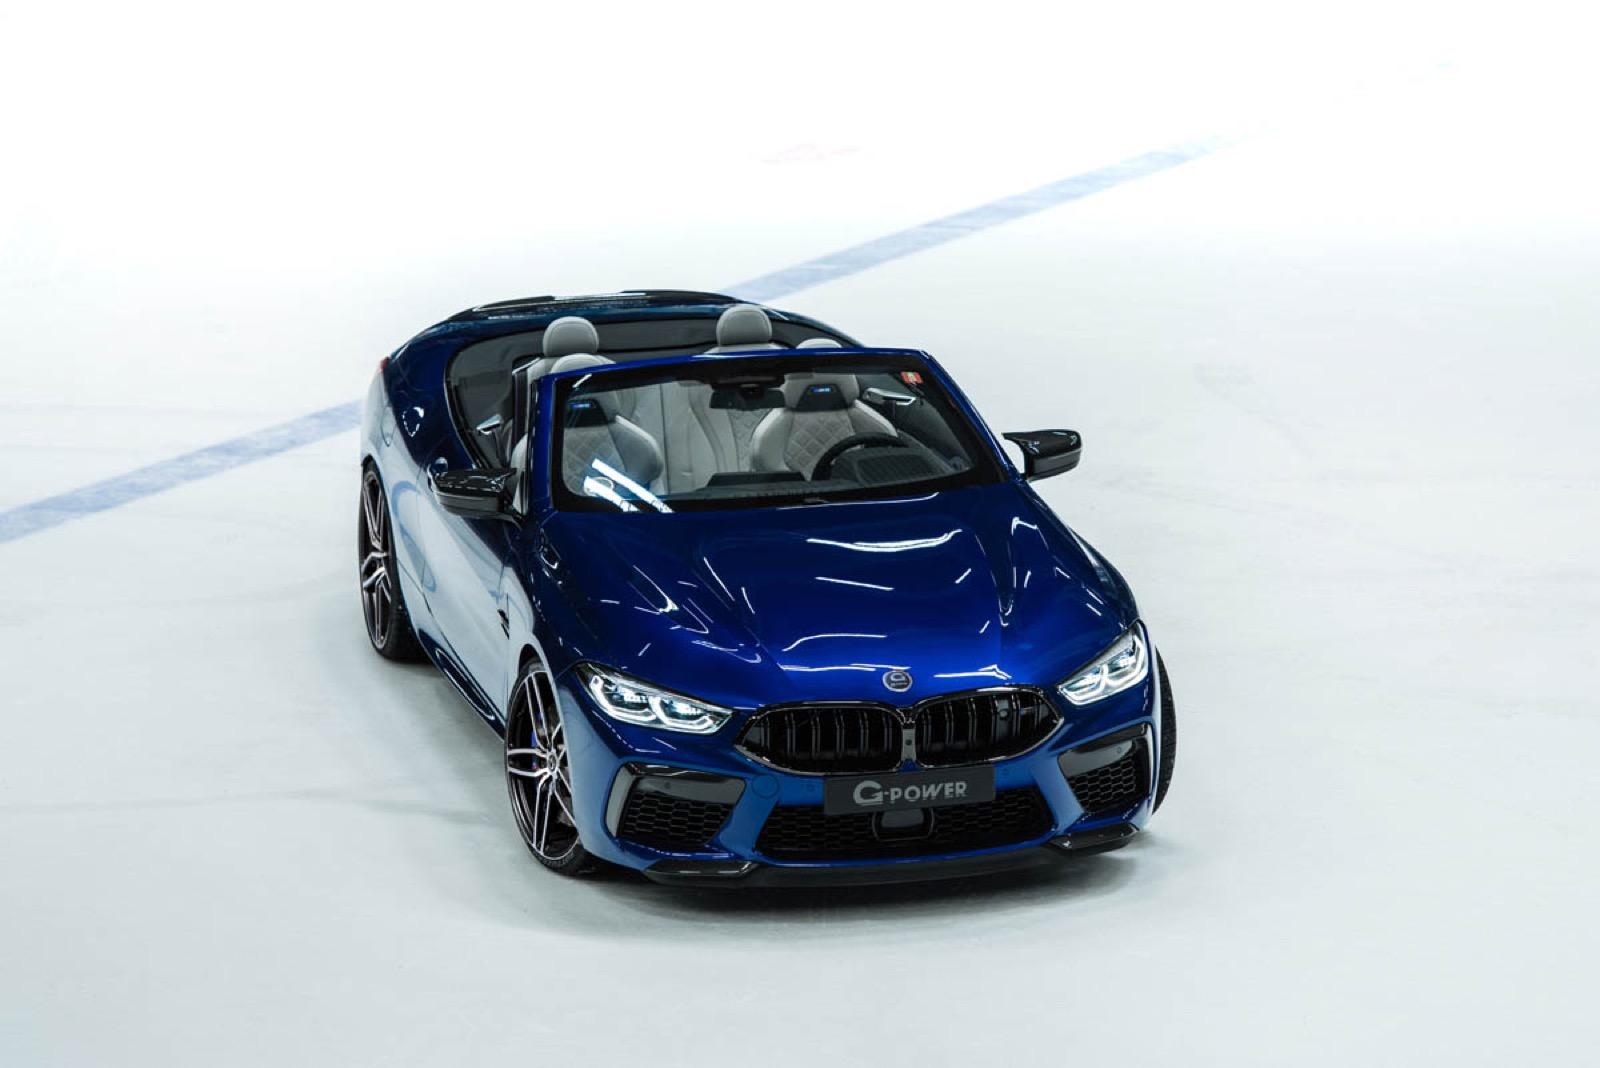 BMW_M8_Cabrio_G-Power_0001